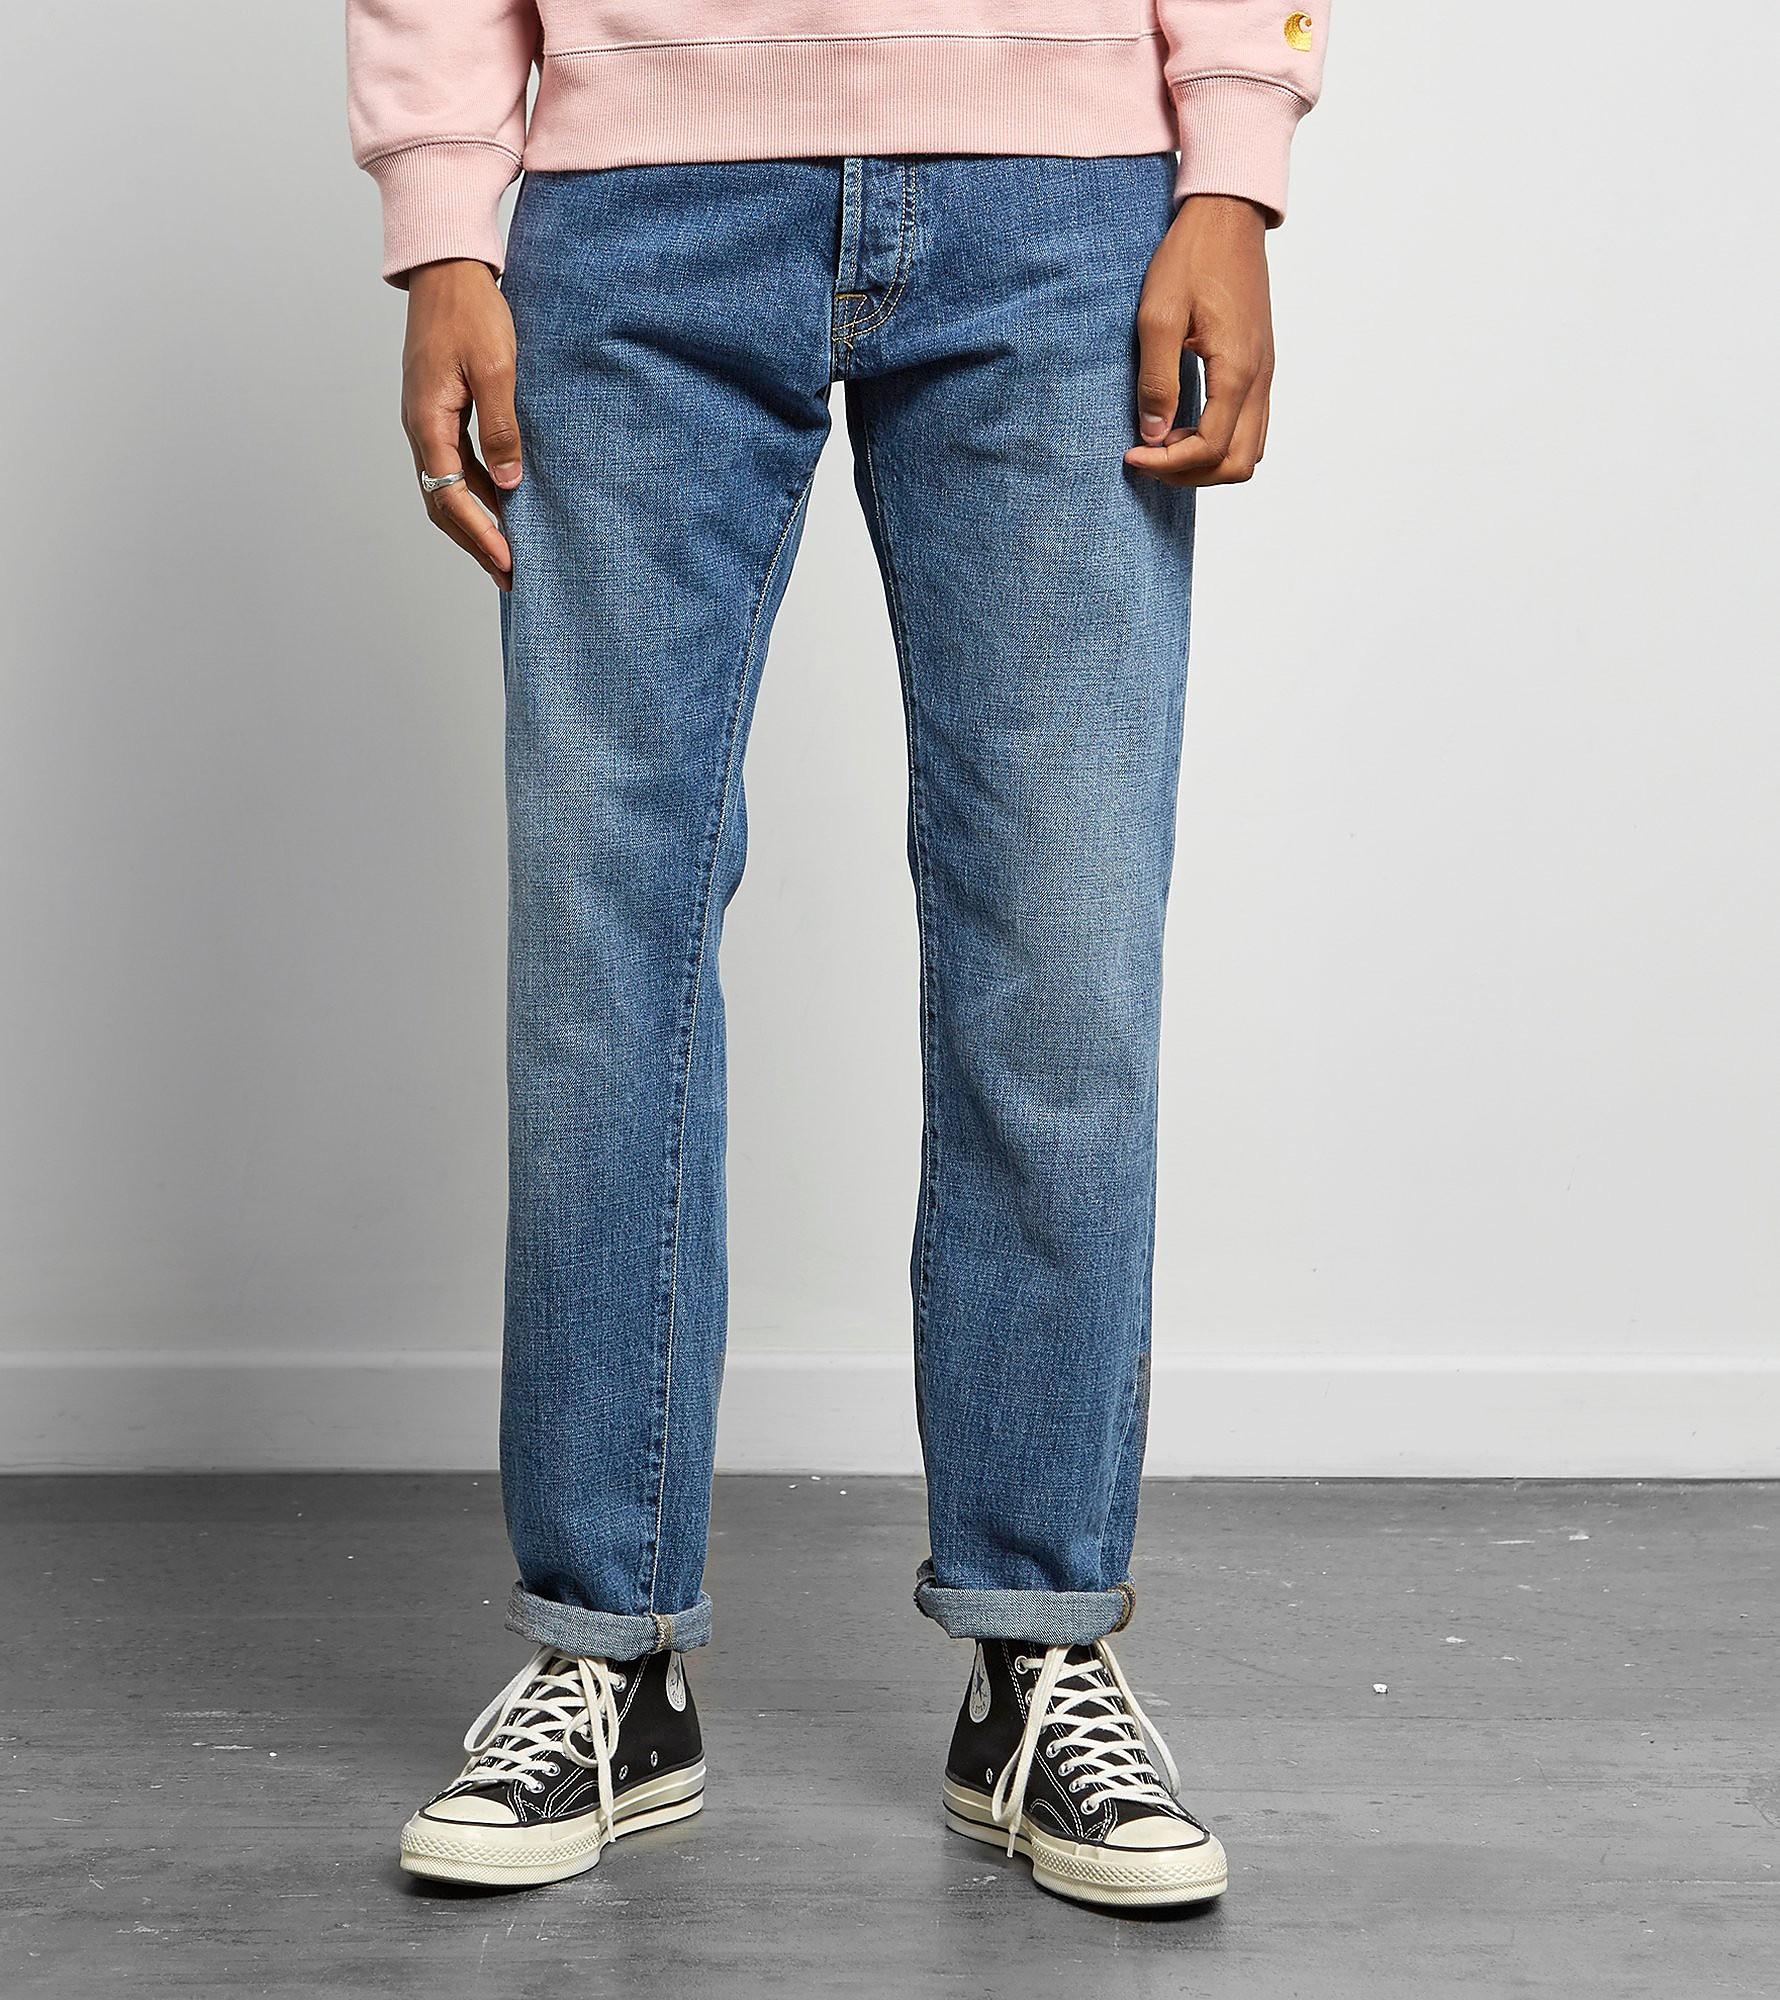 Carhartt WIP Klondike Jeans